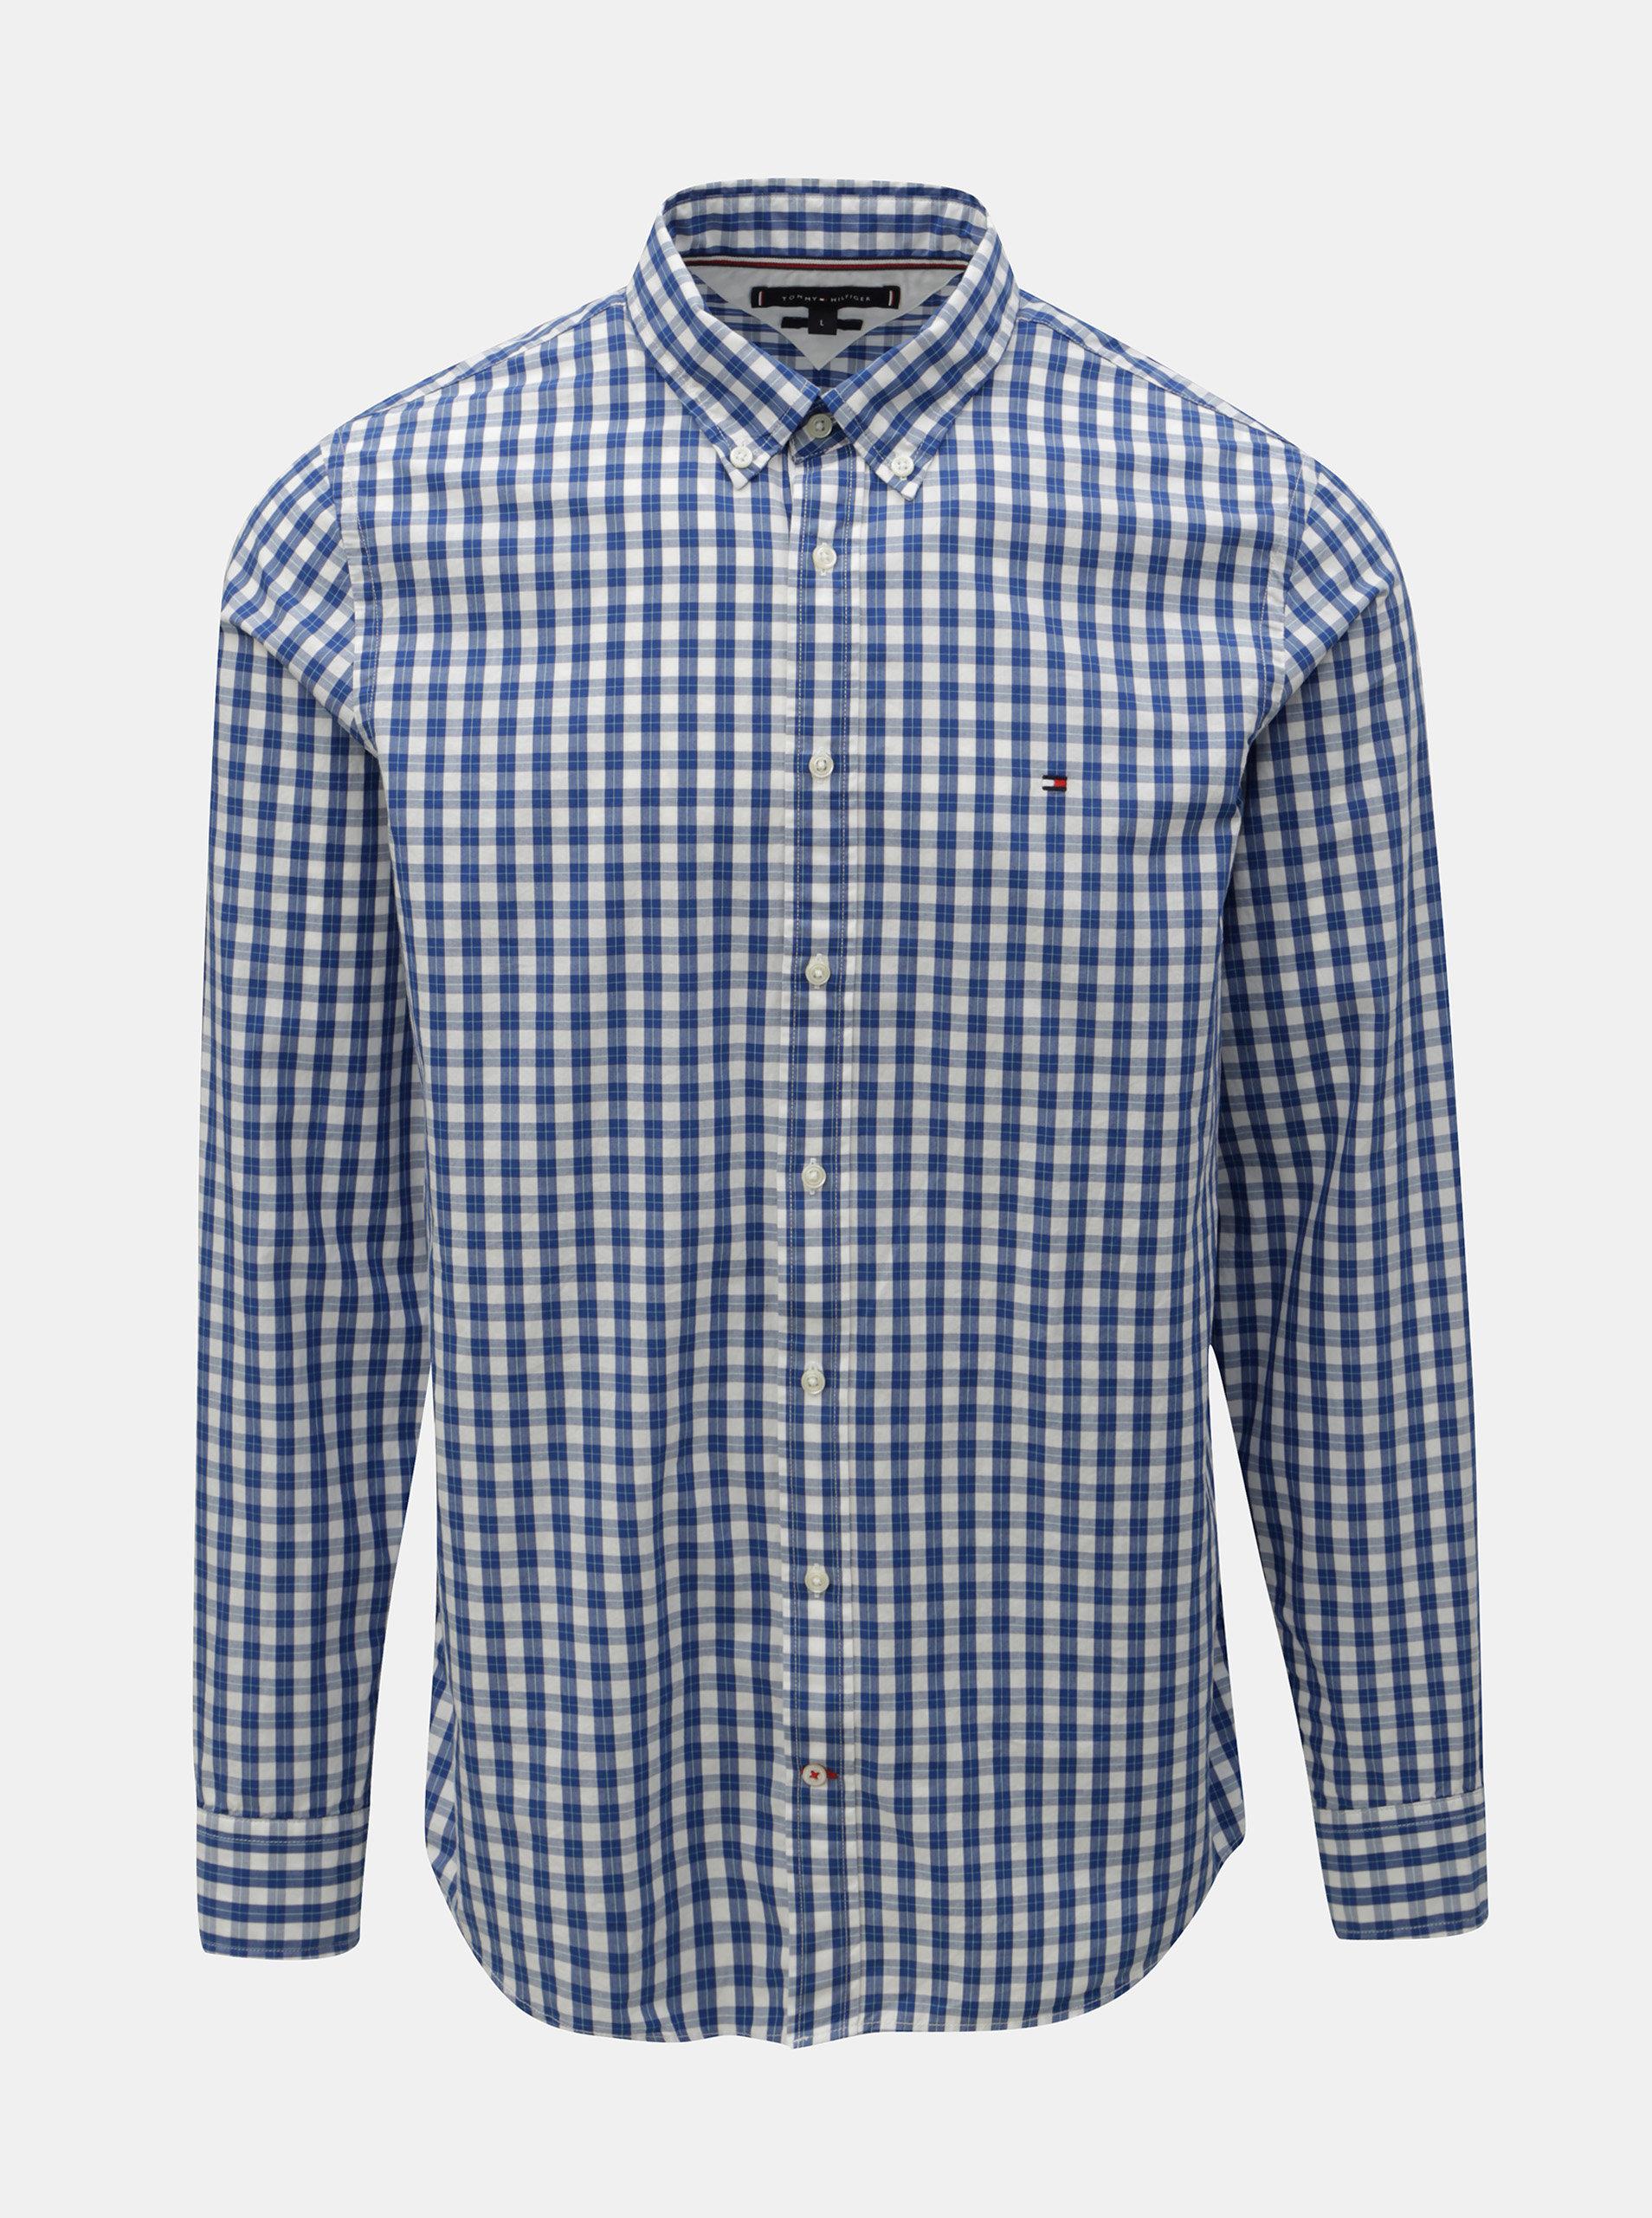 436d1a23df47 Modrá pánská kostkovaná slim fit košile Tommy Hilfiger ...